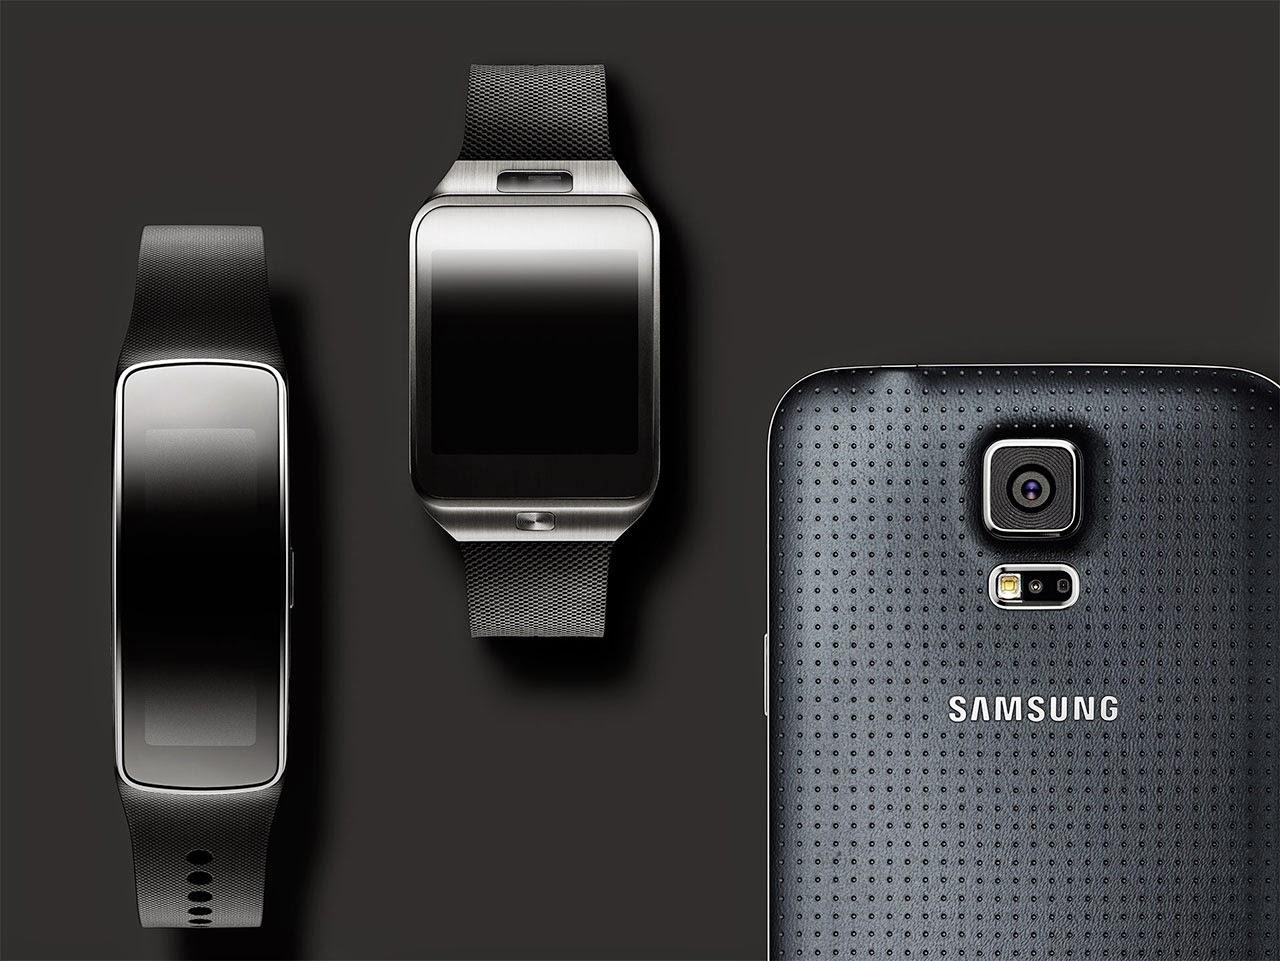 Samsung Galaxy S5 Smartphone & watches